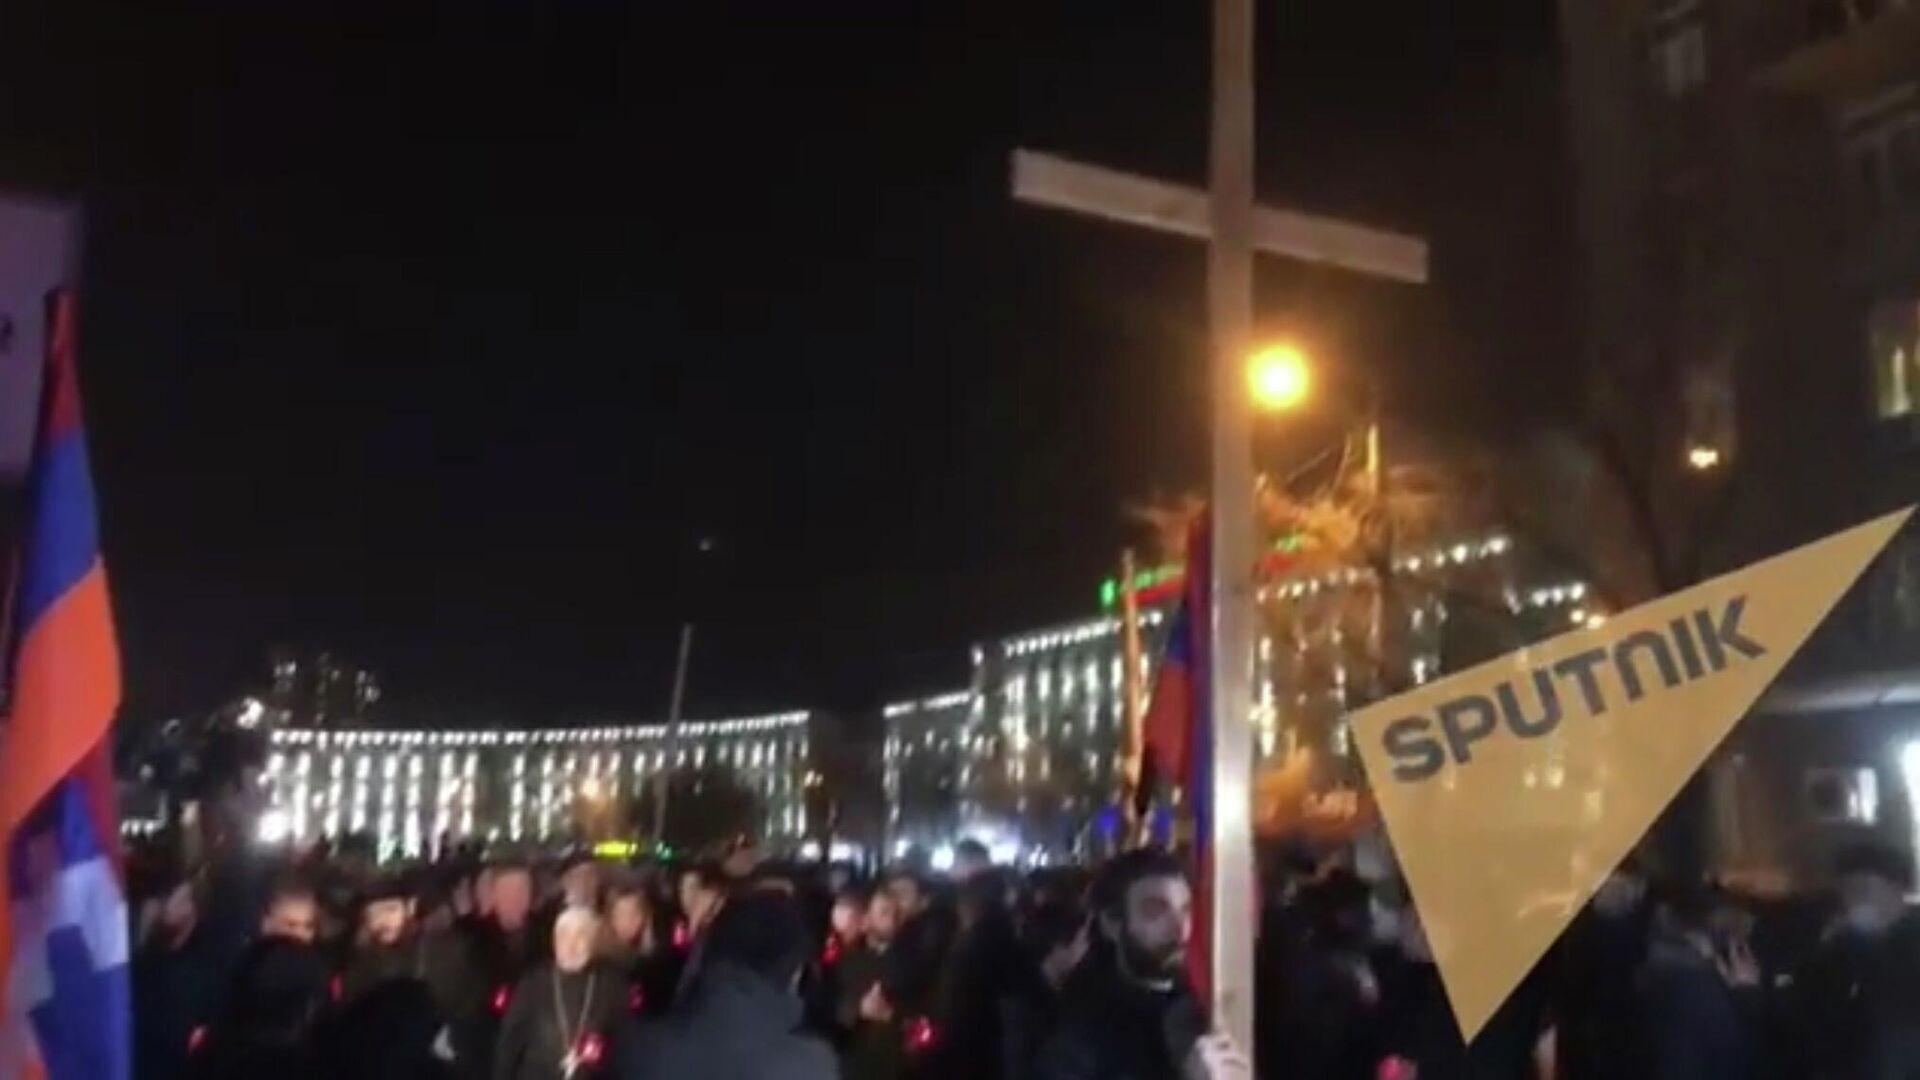 В Ереване началось факельное шествие оппозиции к военному пантеону Ераблур - РИА Новости, 1920, 18.12.2020